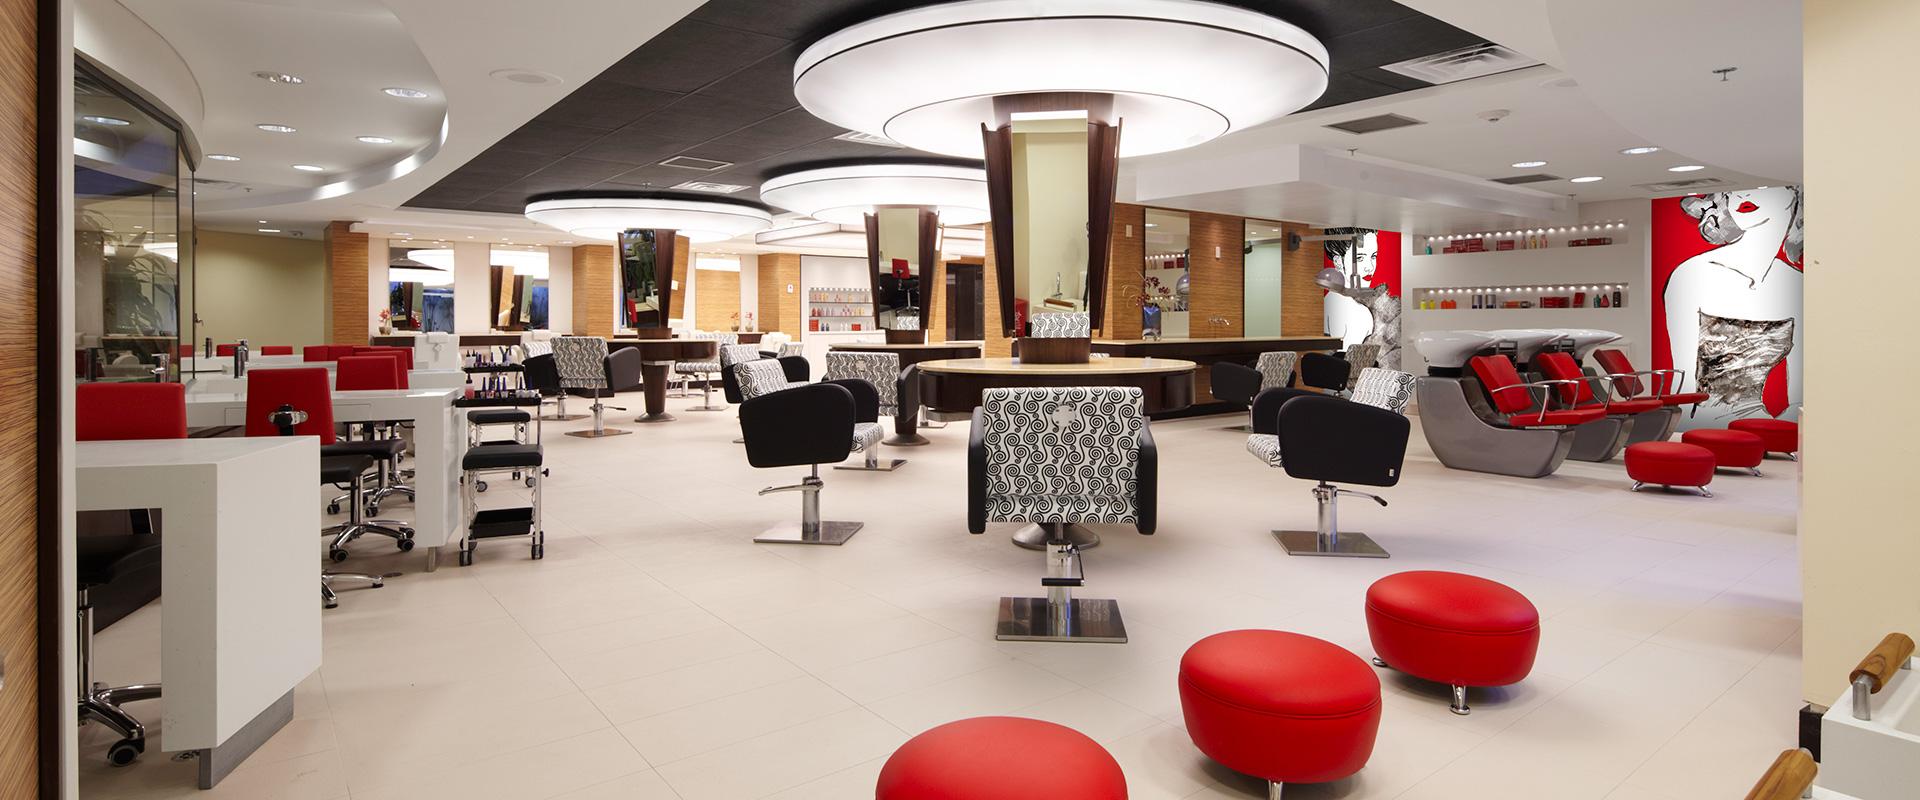 The Boutique Salon And Spa